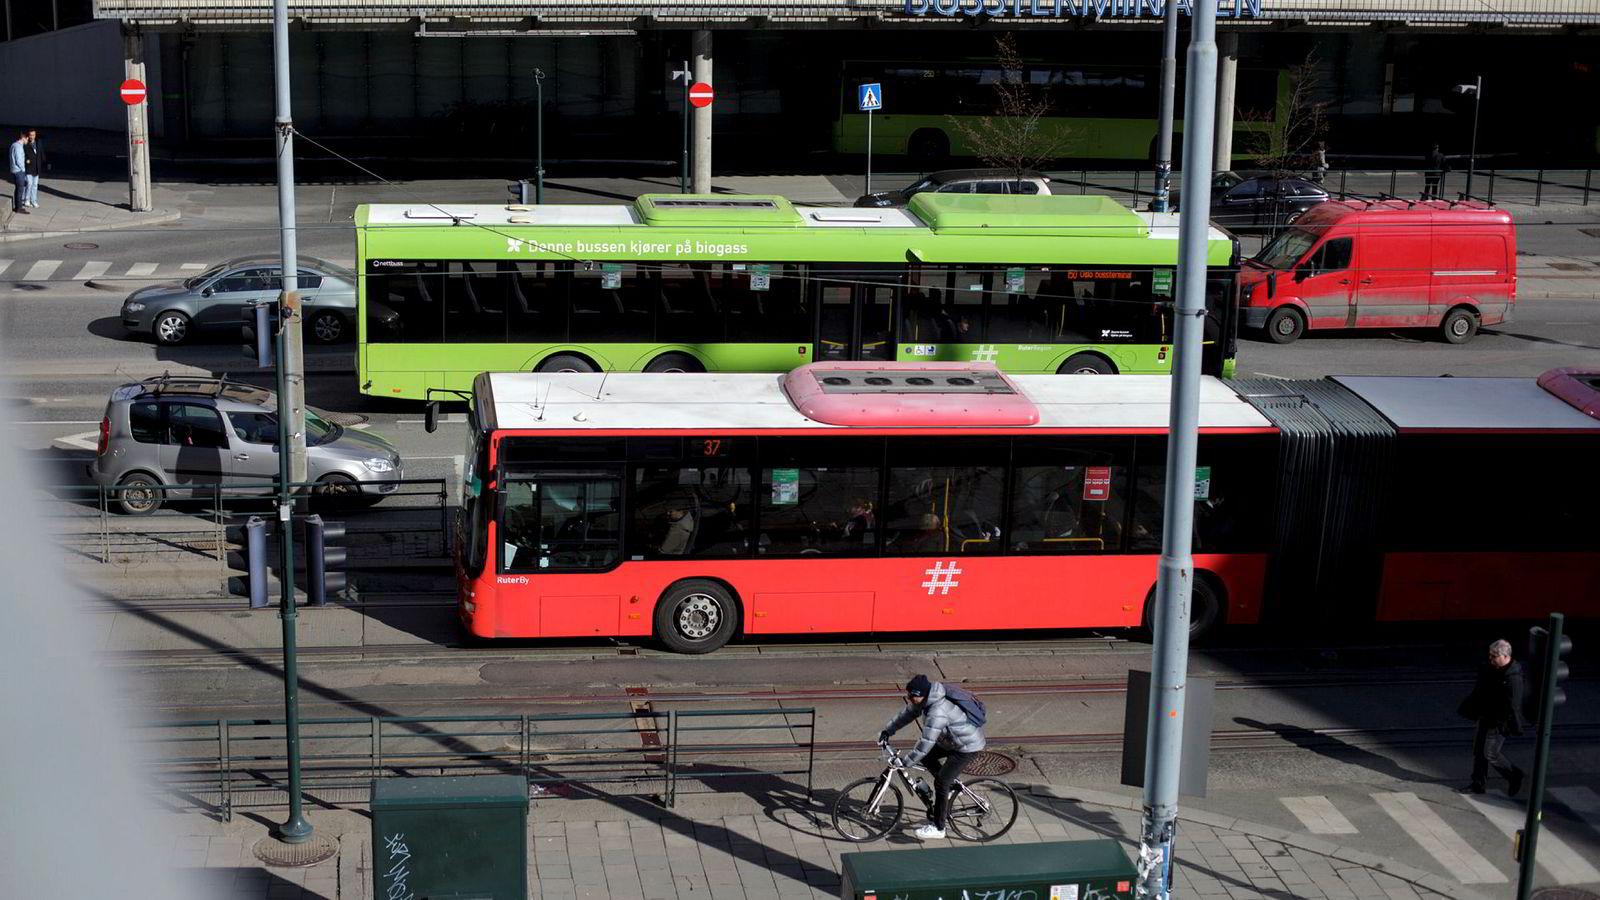 Det finnes ikke noe privat bussmonopol. To av de tre største busselskapene er indirekte eid av staten og Oslo kommune, og disse konkurrerer på lik linje med private aktører, skriver artikkelforfatteren.